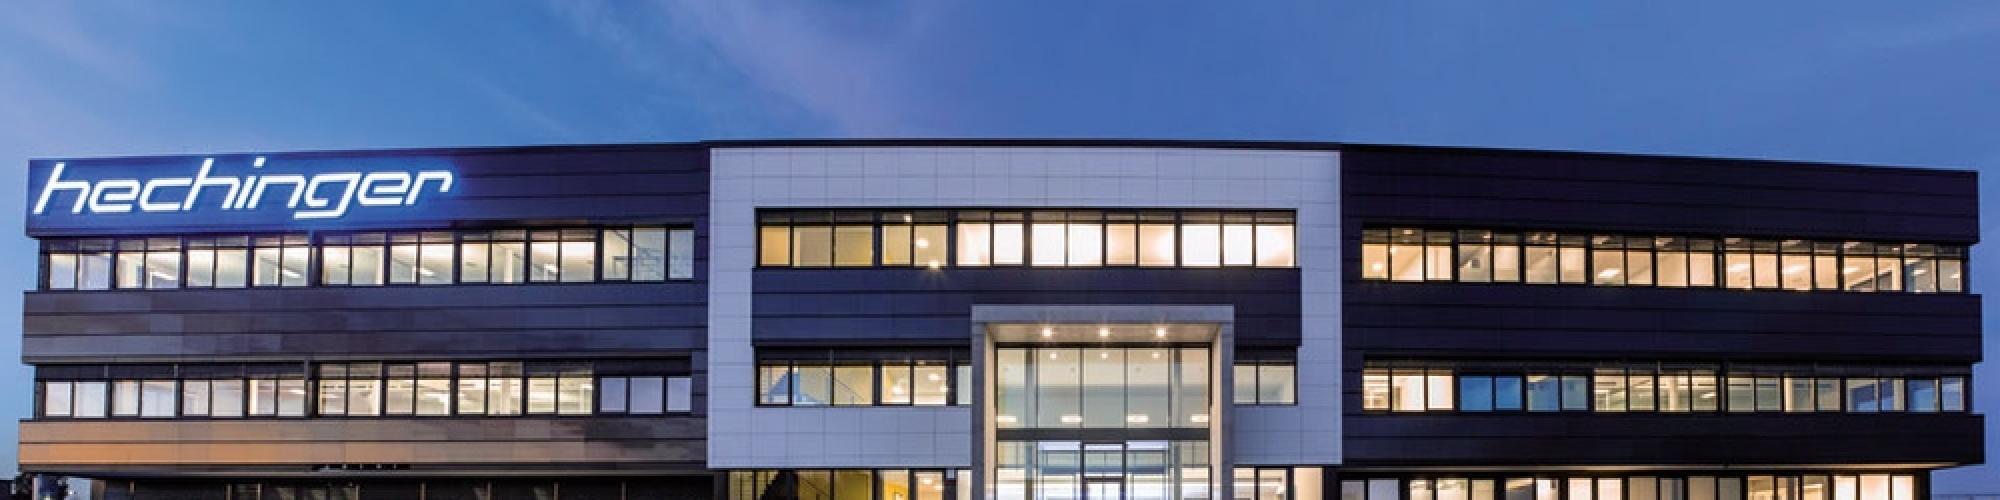 Helmut Hechinger GmbH & Co. KG